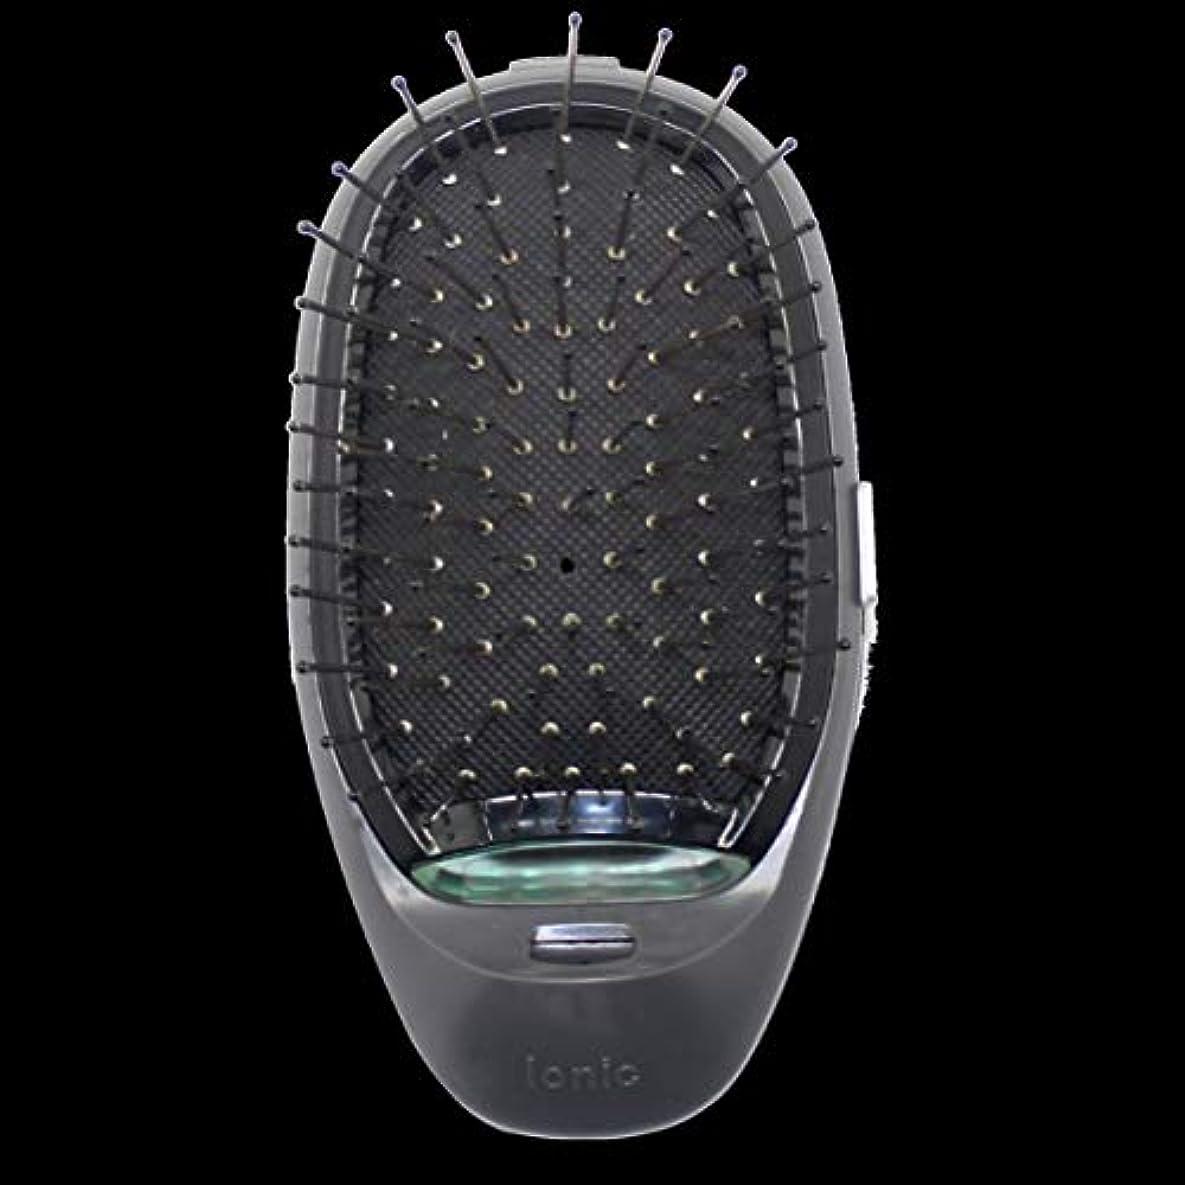 いう自然明らか電動マッサージヘアブラシミニマイナスイオンヘアコム3Dインフレータブルコーム帯電防止ガールズヘアブラシ電池式 - ブラック